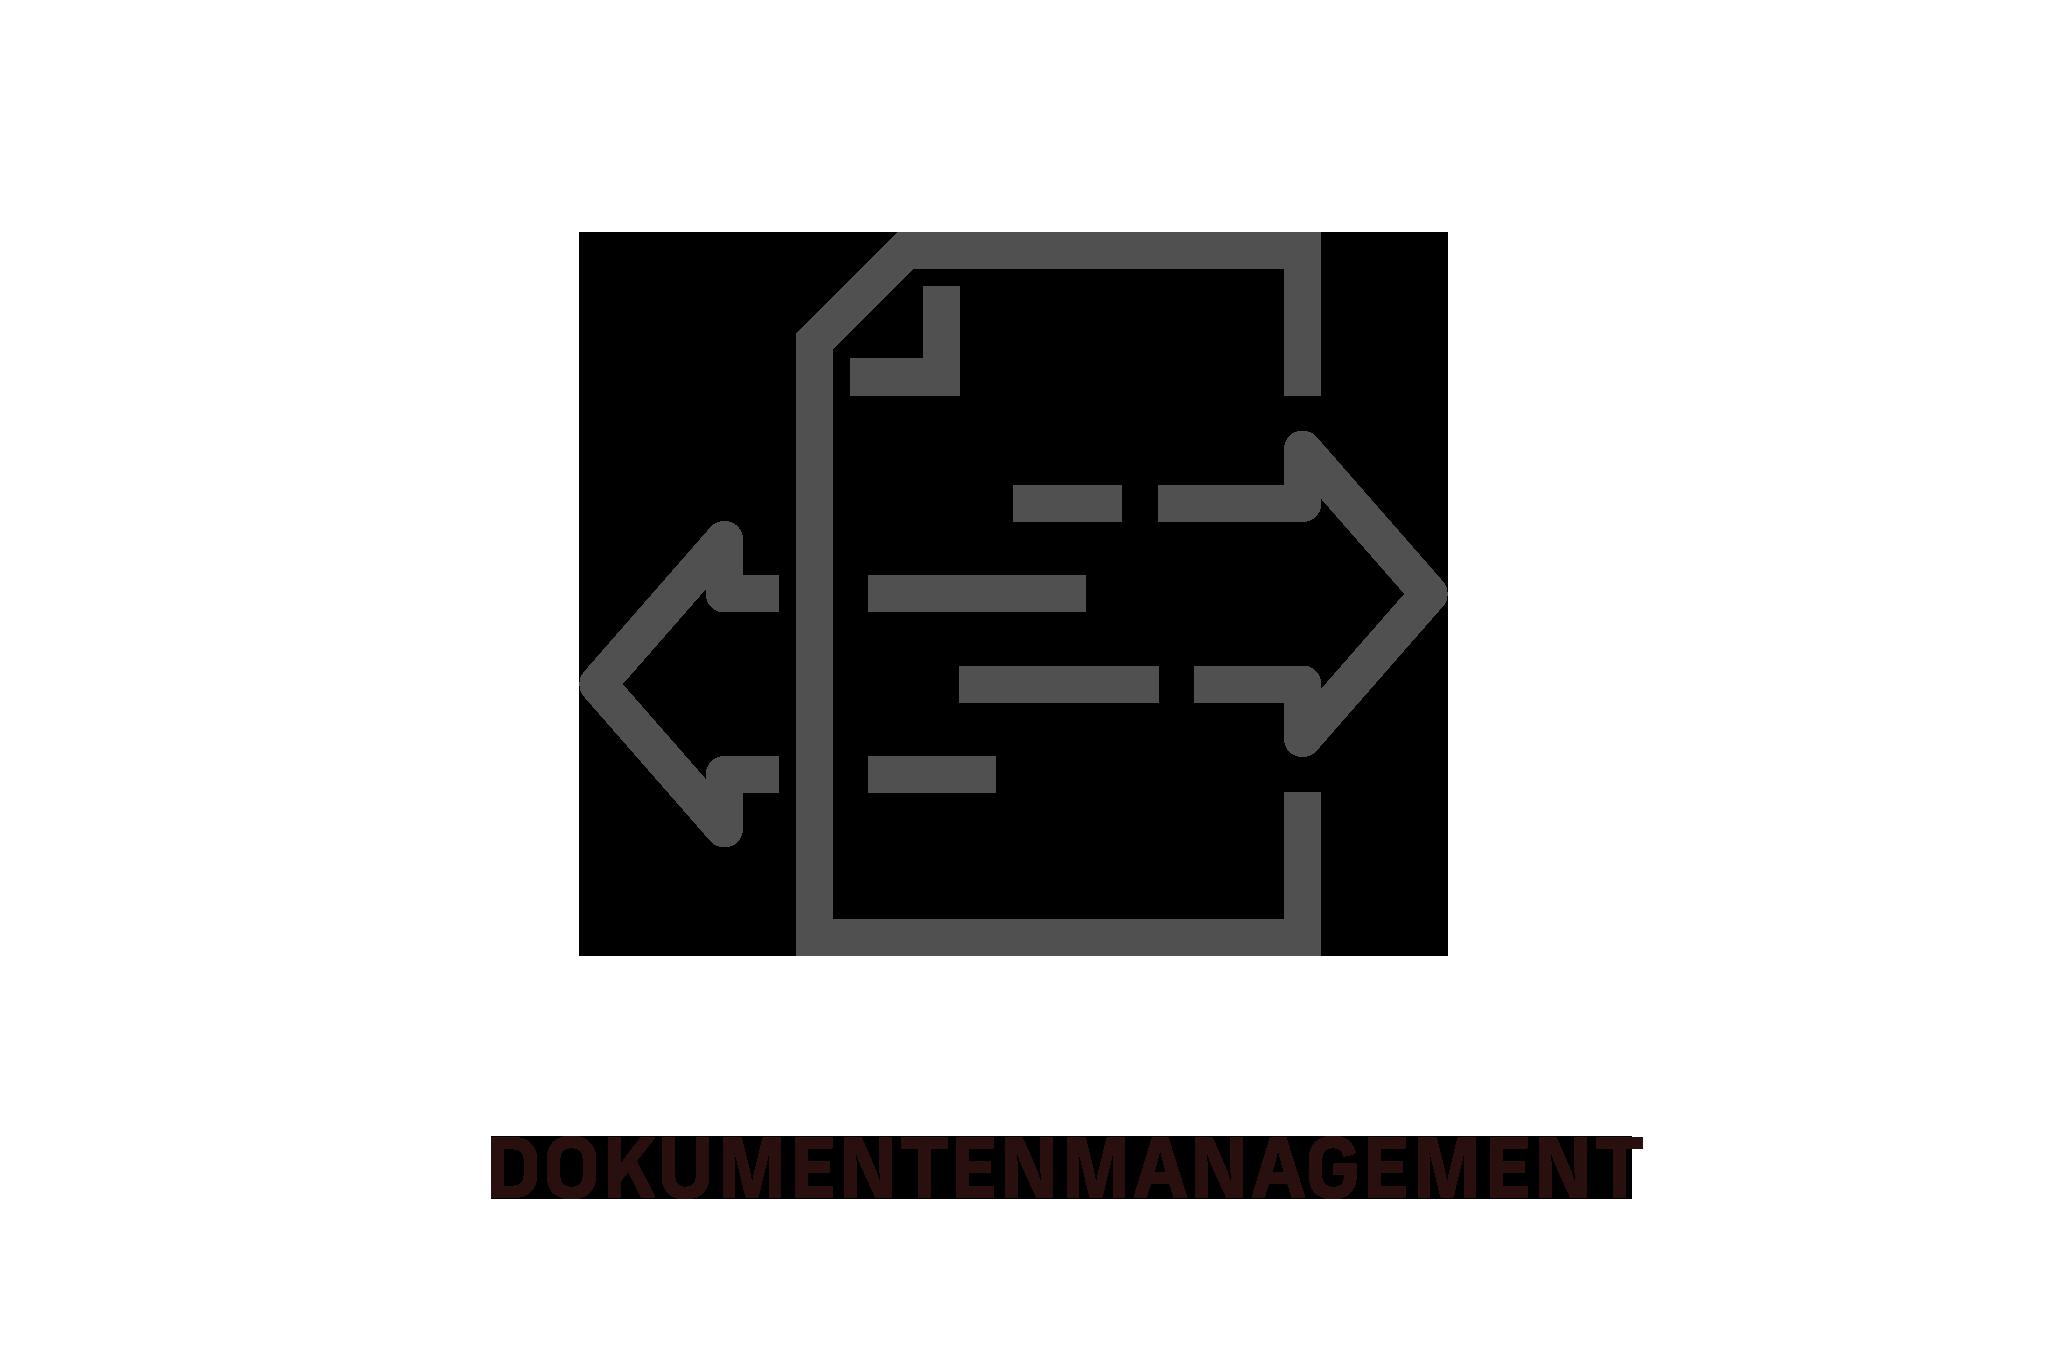 https://immotooler.com/wp-content/uploads/2021/04/DOKUMENTENMANAGEMENT.png